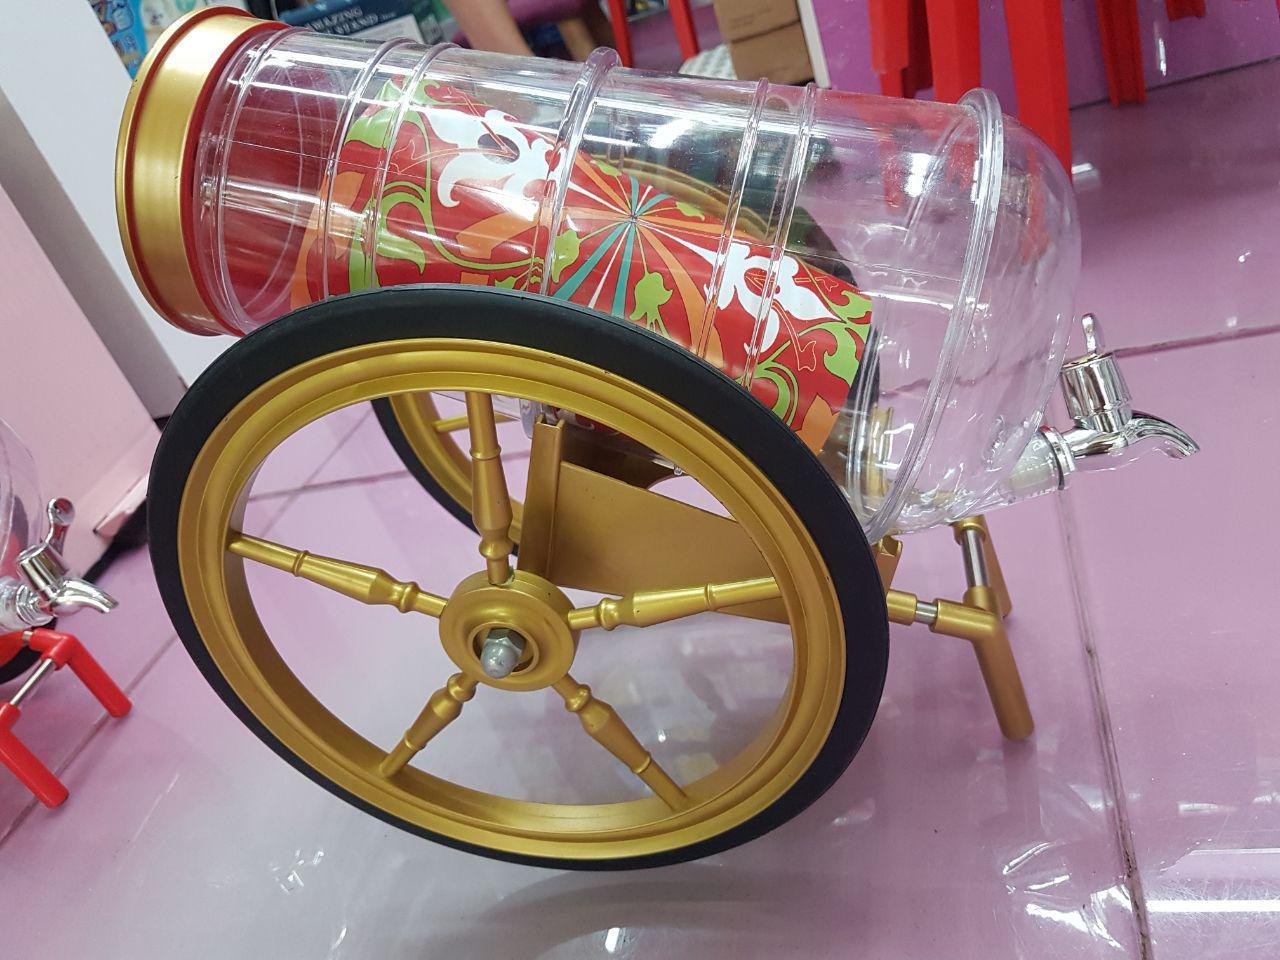 خرید پستی  بشکه فانتزی مایعات طرح درشکه